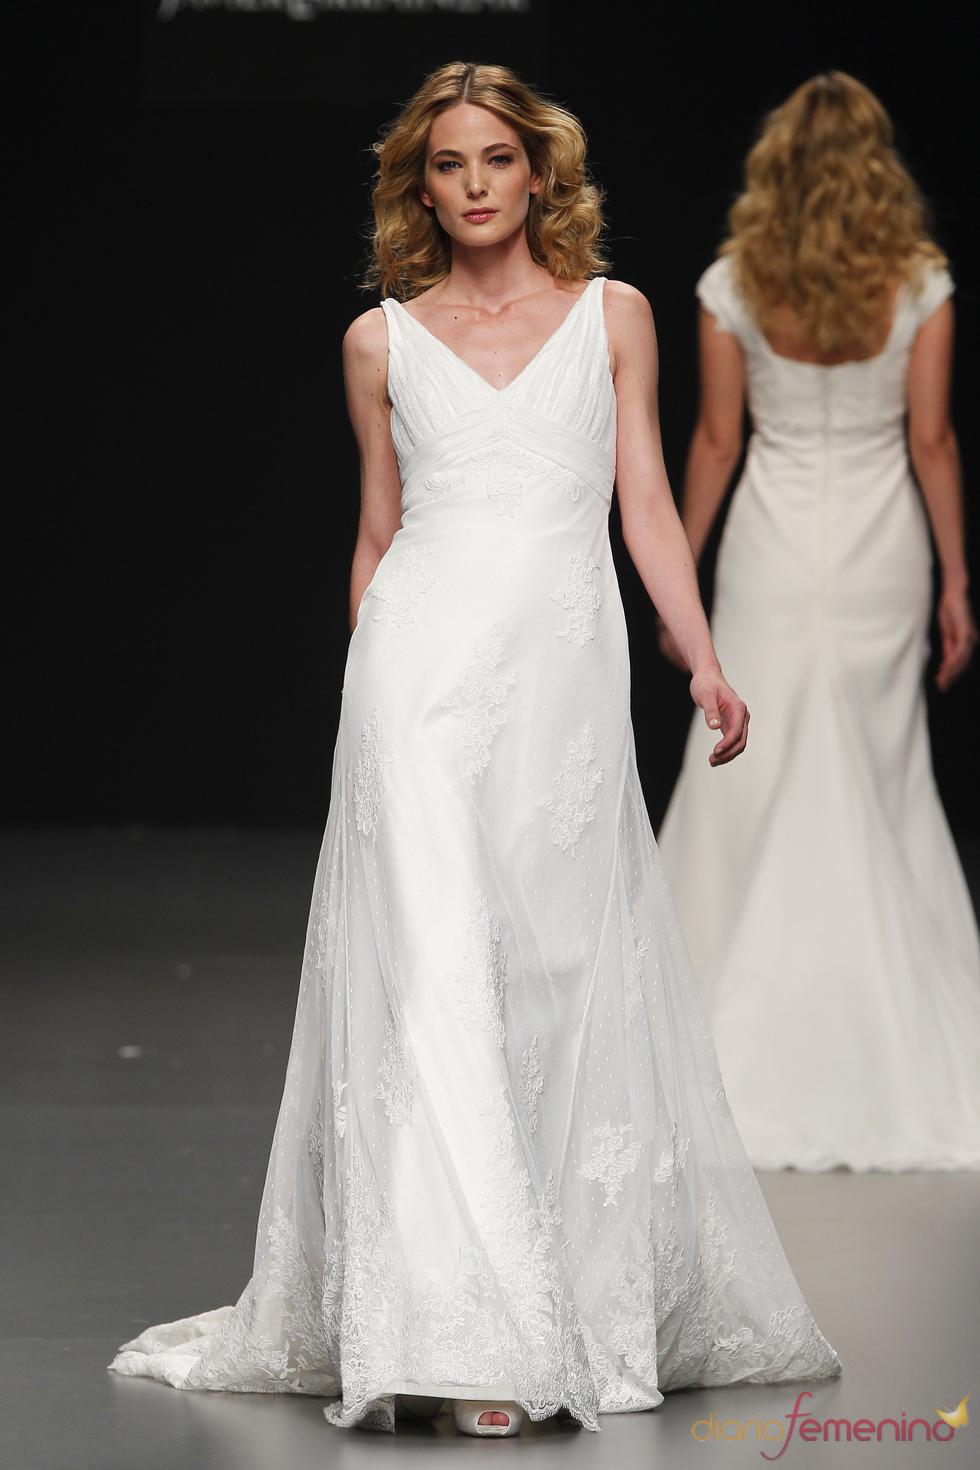 Javier Larrainzar presenta sus vestidos de novia en Cibeles Novias